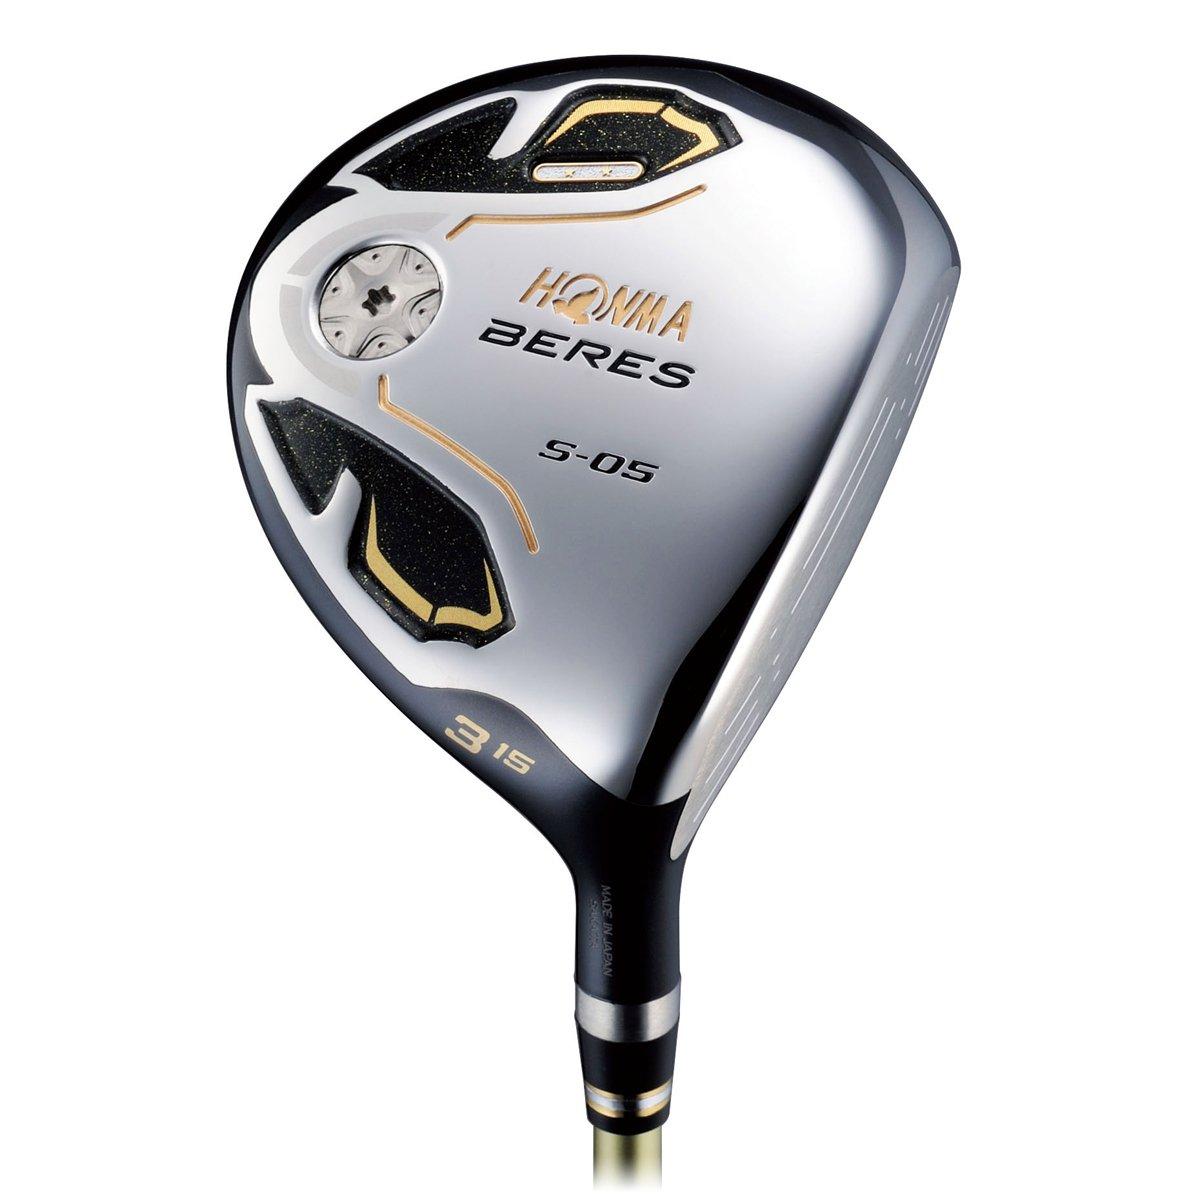 セール 登場から人気沸騰 本間ゴルフ フェアウェイウッド BERES ベレス S-05 フェアウェイウッド 3W(15度) 2Sグレード ARMRQ∞ 48シャフト フレックス:R S-05S15 右 ロフト角:15度 番手:3W   B01BK5H0QA, 北足立郡 57fa5f66